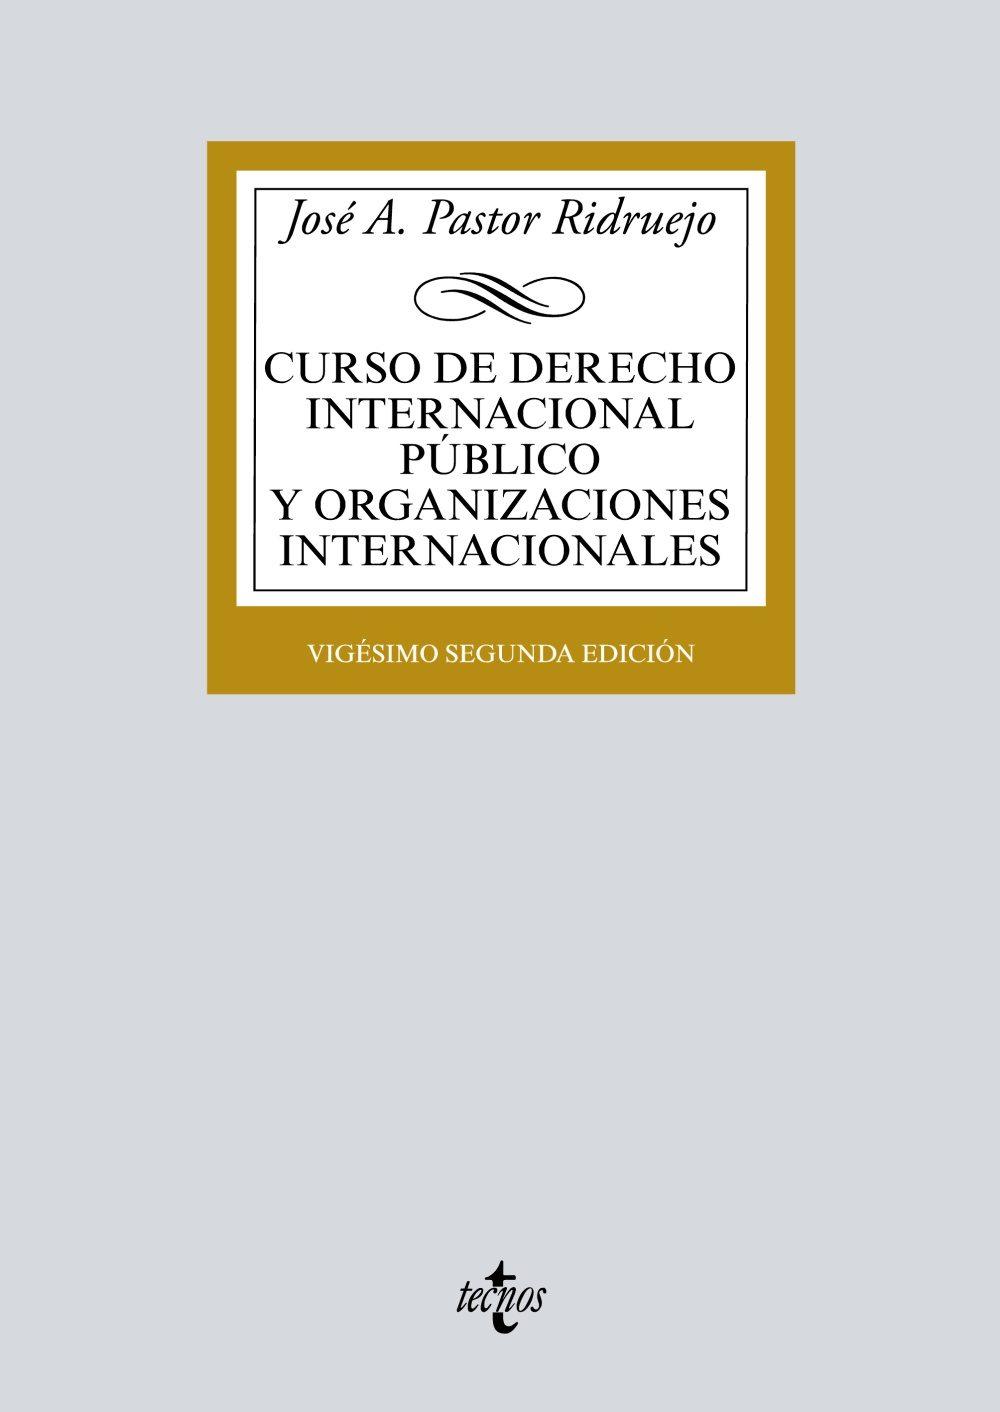 Curso De Derecho Internacional Publico Y  Organizaciones Internacionales (22ª Ed.) por Jose Antonio Pastor Ridruejo